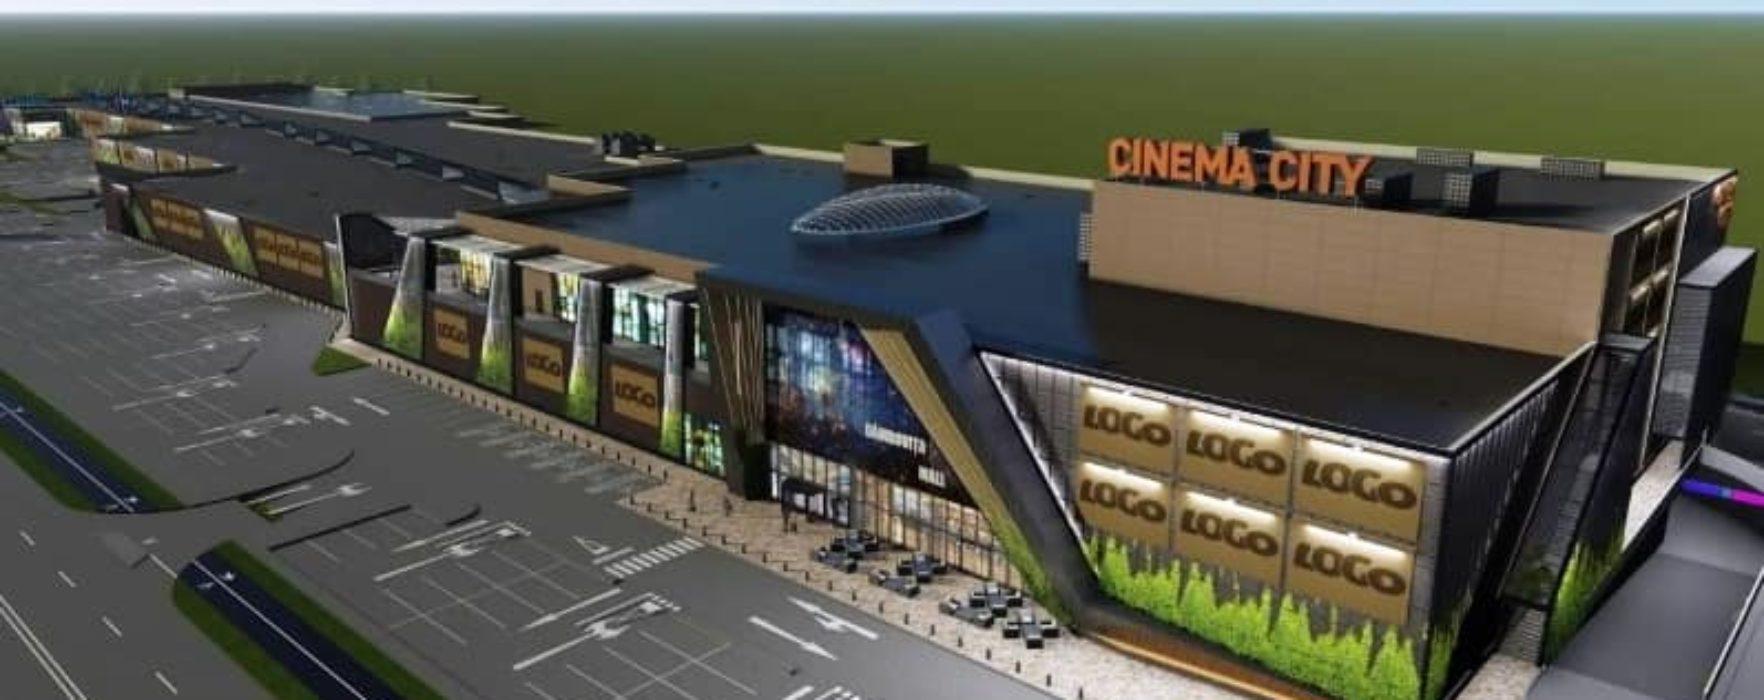 Târgovişte: Cum va arăta primul mall din municipiu şi câte magazine va avea